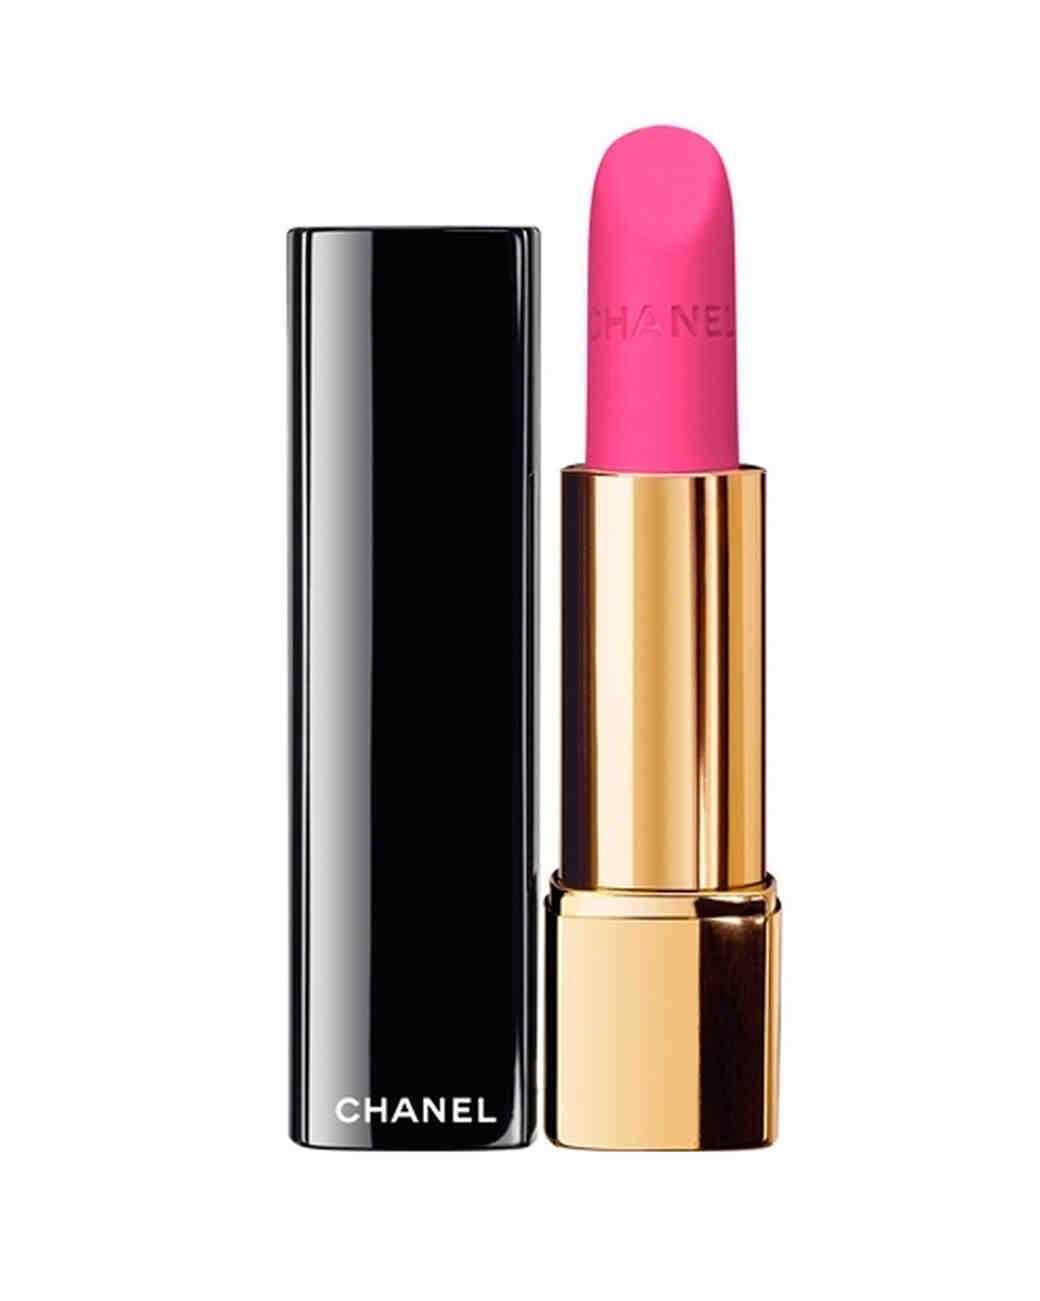 matte-lipsticks-chanel-rouge-allure-velvet-0915.jpg